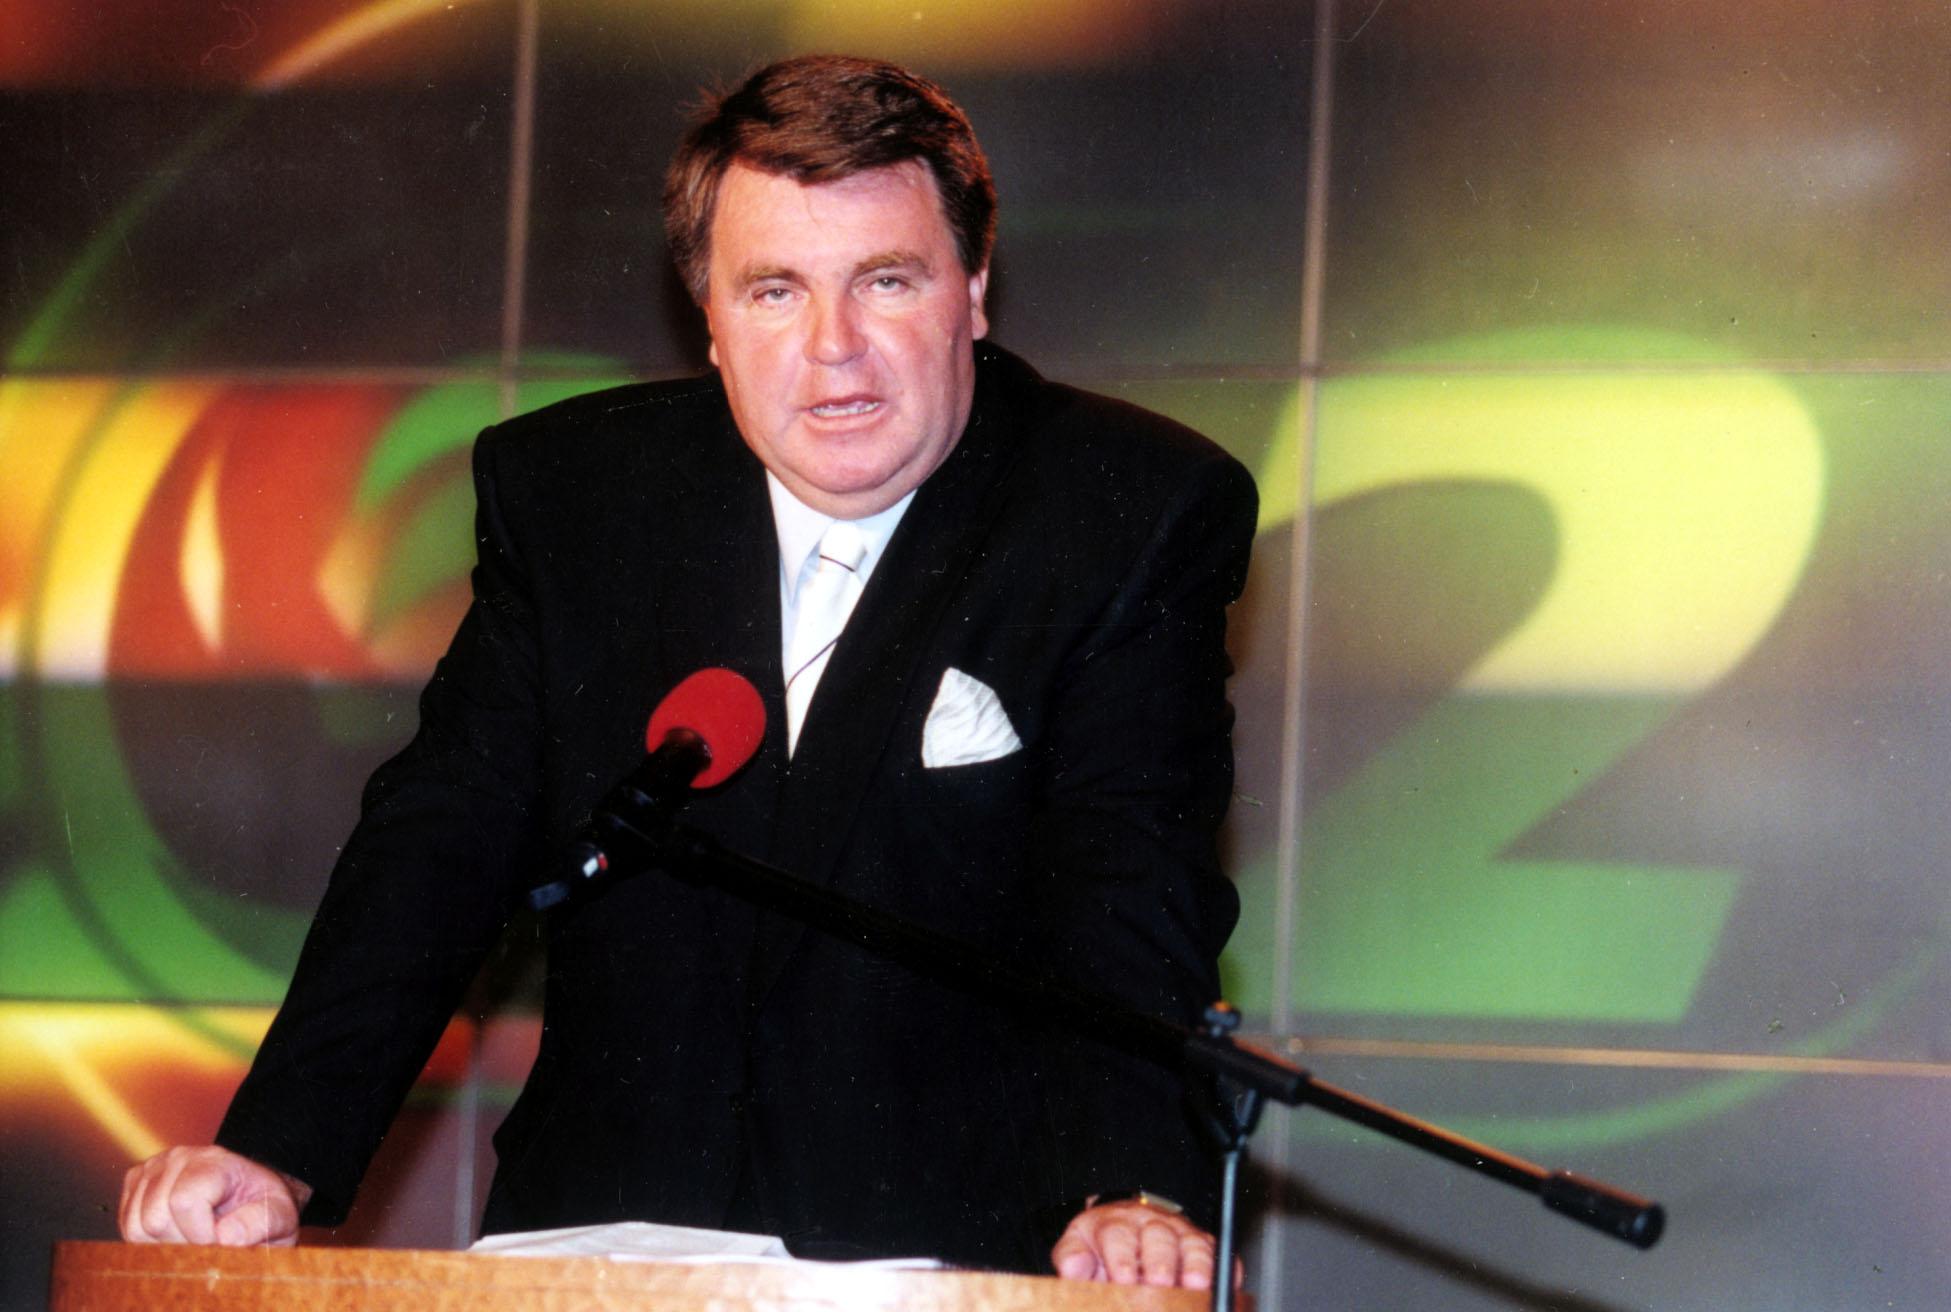 Kommunista mikrofonállványból a TV2 elnöke lett. A kép már utóbbi munkakörében ábrázolja (2000) / Fotó: MTI